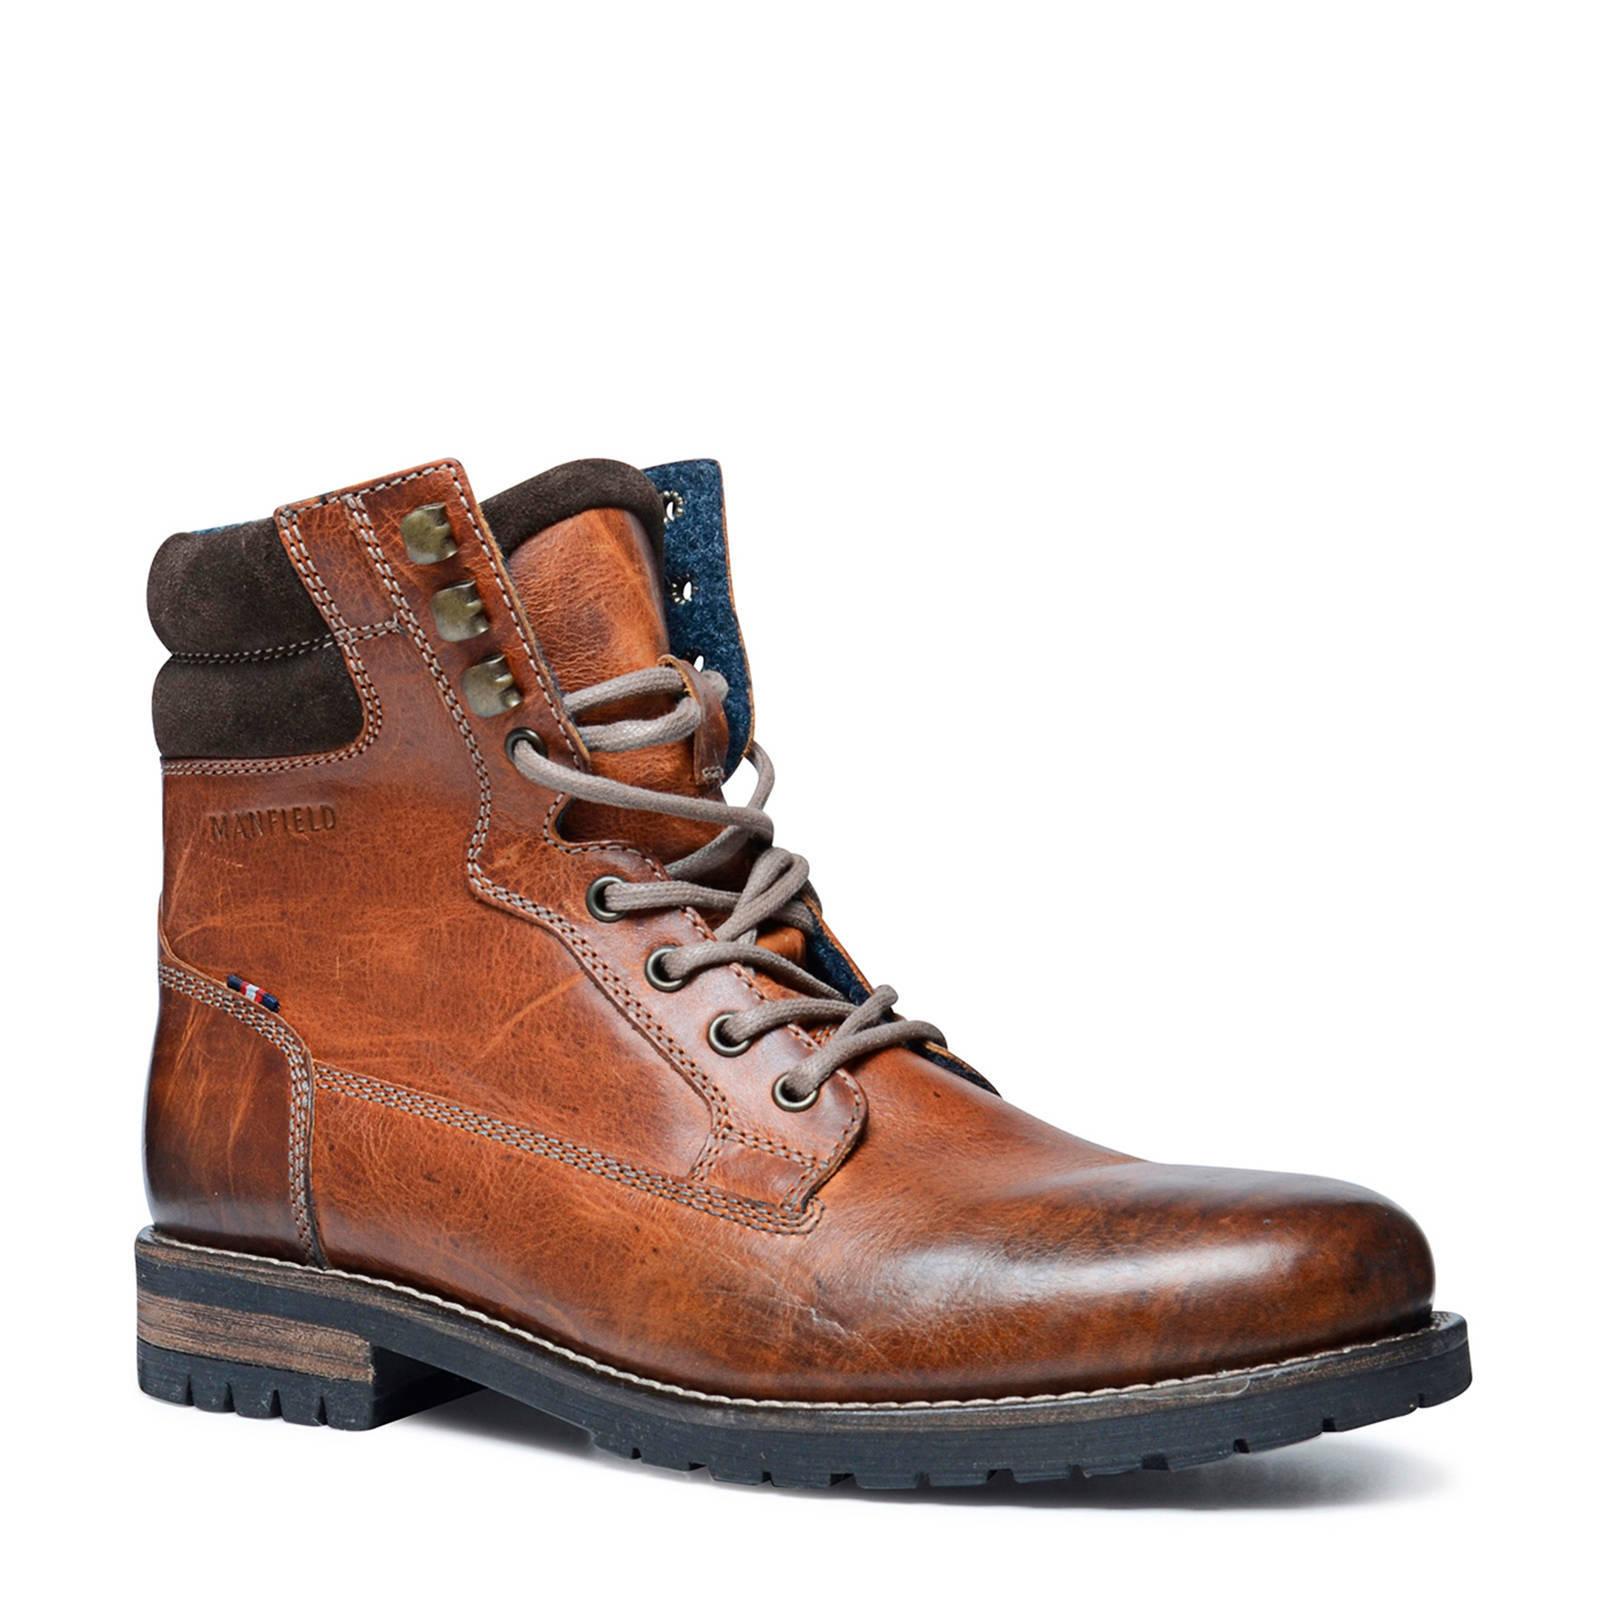 Heel Heren Gratis 20Korting Boots Op Veel Bij Laarzenamp; Wehkamp vN80nwm